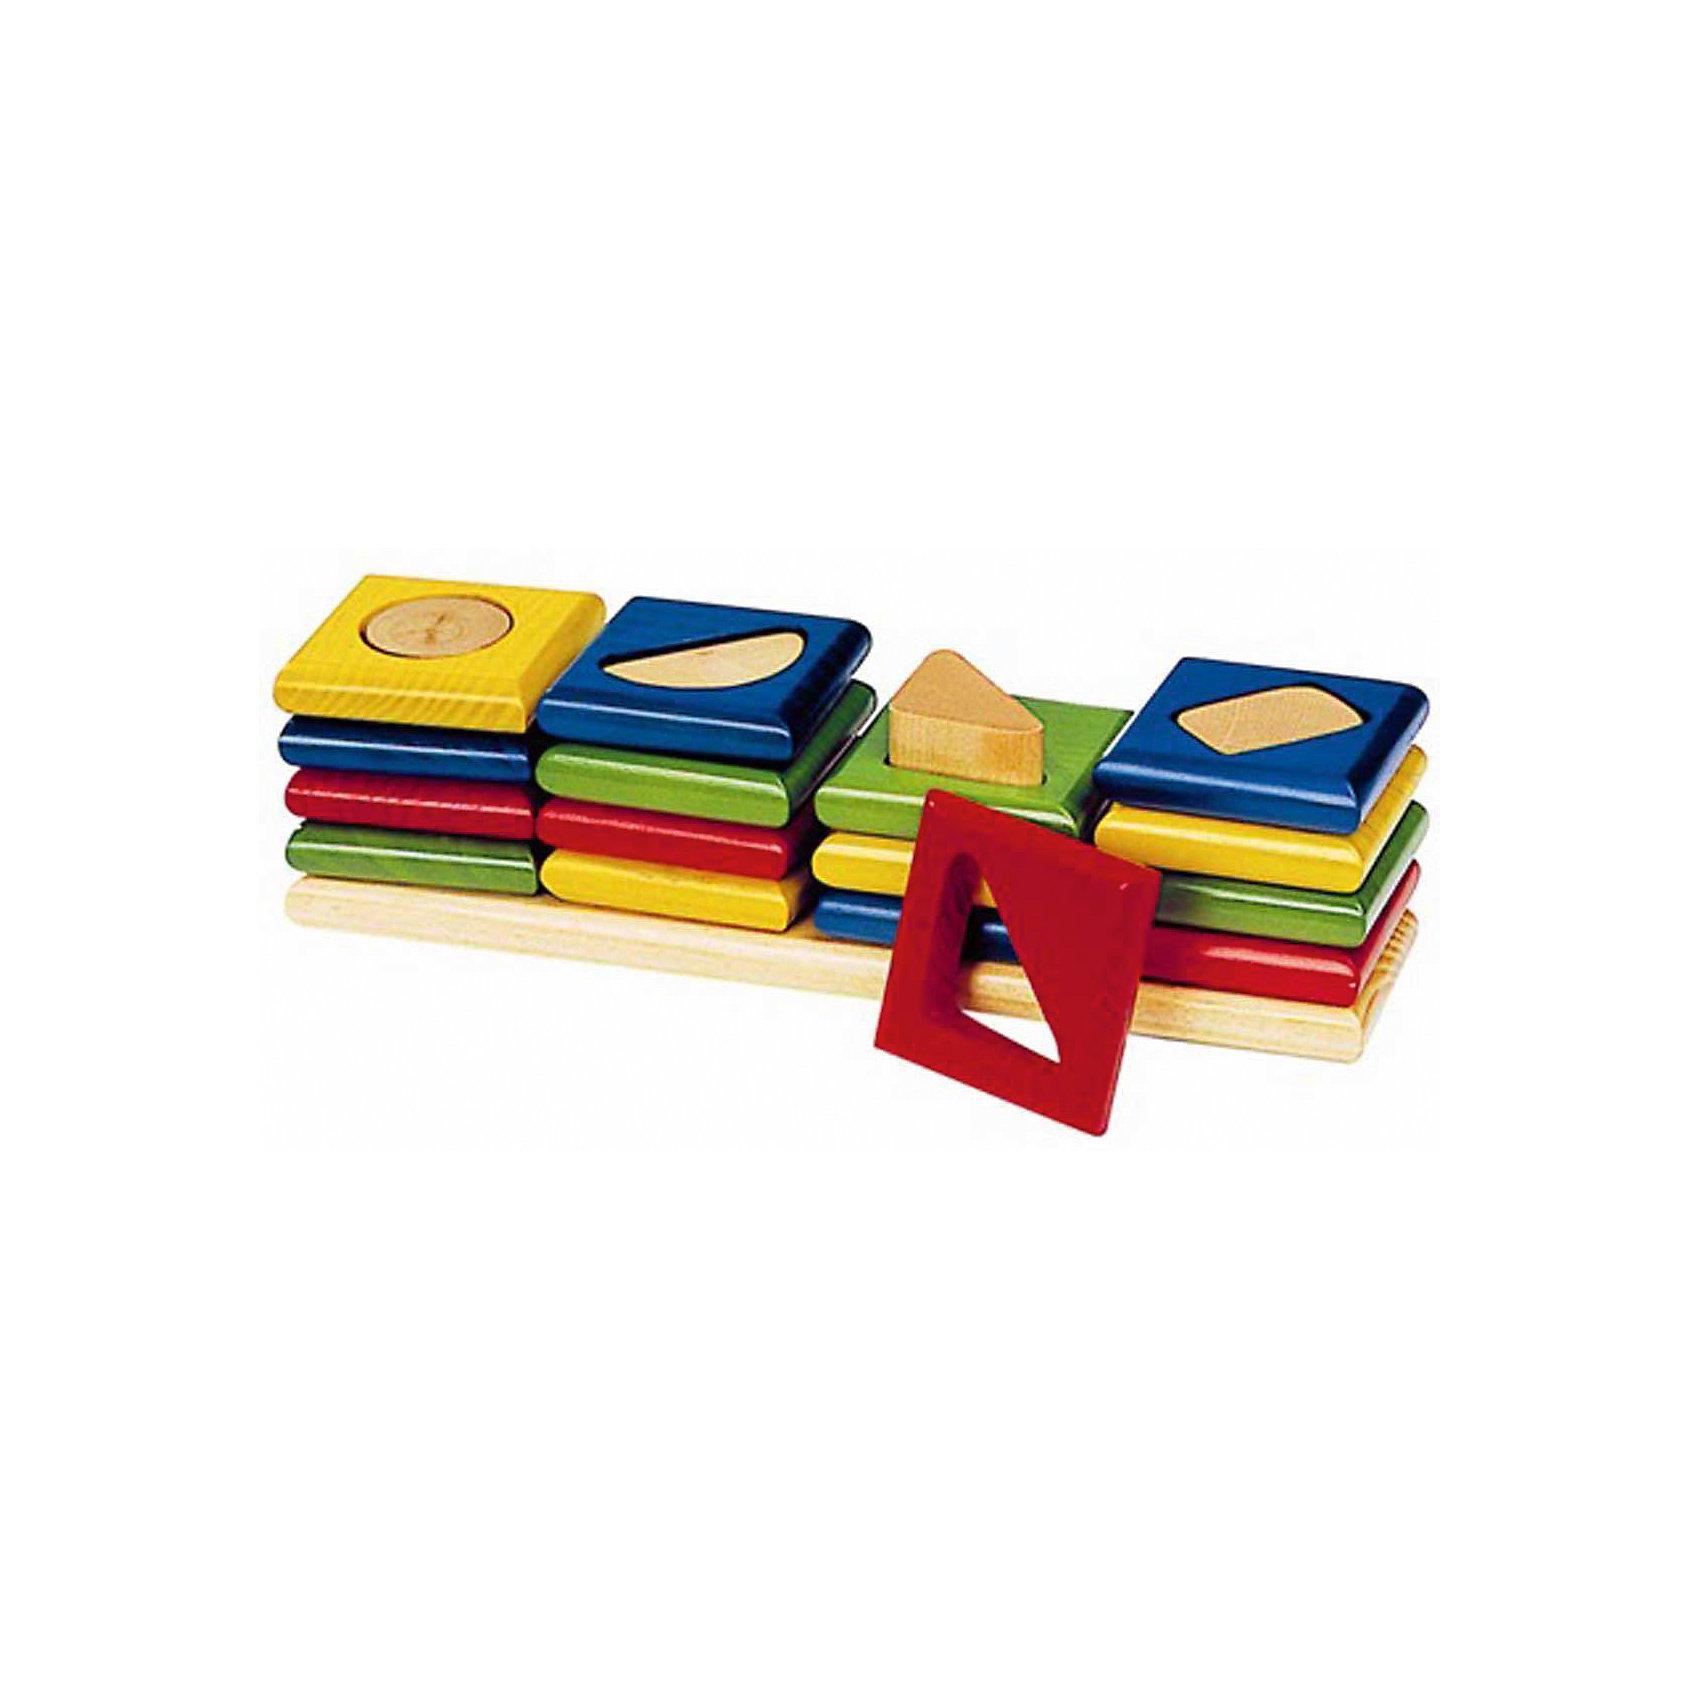 Сортировщик-пирамидка Геометрия 4 фигуры, gokiЭта деревянная игрушка объединяет в себе пирамидку, сортировщик и головоломку для малышей. Ведь для того, чтобы правильно собрать ее целиком, нужно хорошенько подумать!<br><br>16 рамок объединены в группы по 4 штуки, которые объединяет отверстие одинаковой формы (ромб, треугольник, круг, полукруг). Кроме сборки по форме отверстий, возможно выстраивание различных цветовых комбинаций.<br><br>Дополнительная информация:<br><br>- Игра знакомит с понятиями формы и цвета.<br>- Размер: 24,5х6 см<br>- Сделано в Германии<br><br>Ширина мм: 240<br>Глубина мм: 60<br>Высота мм: 60<br>Вес г: 800<br>Возраст от месяцев: 12<br>Возраст до месяцев: 36<br>Пол: Унисекс<br>Возраст: Детский<br>SKU: 3476769